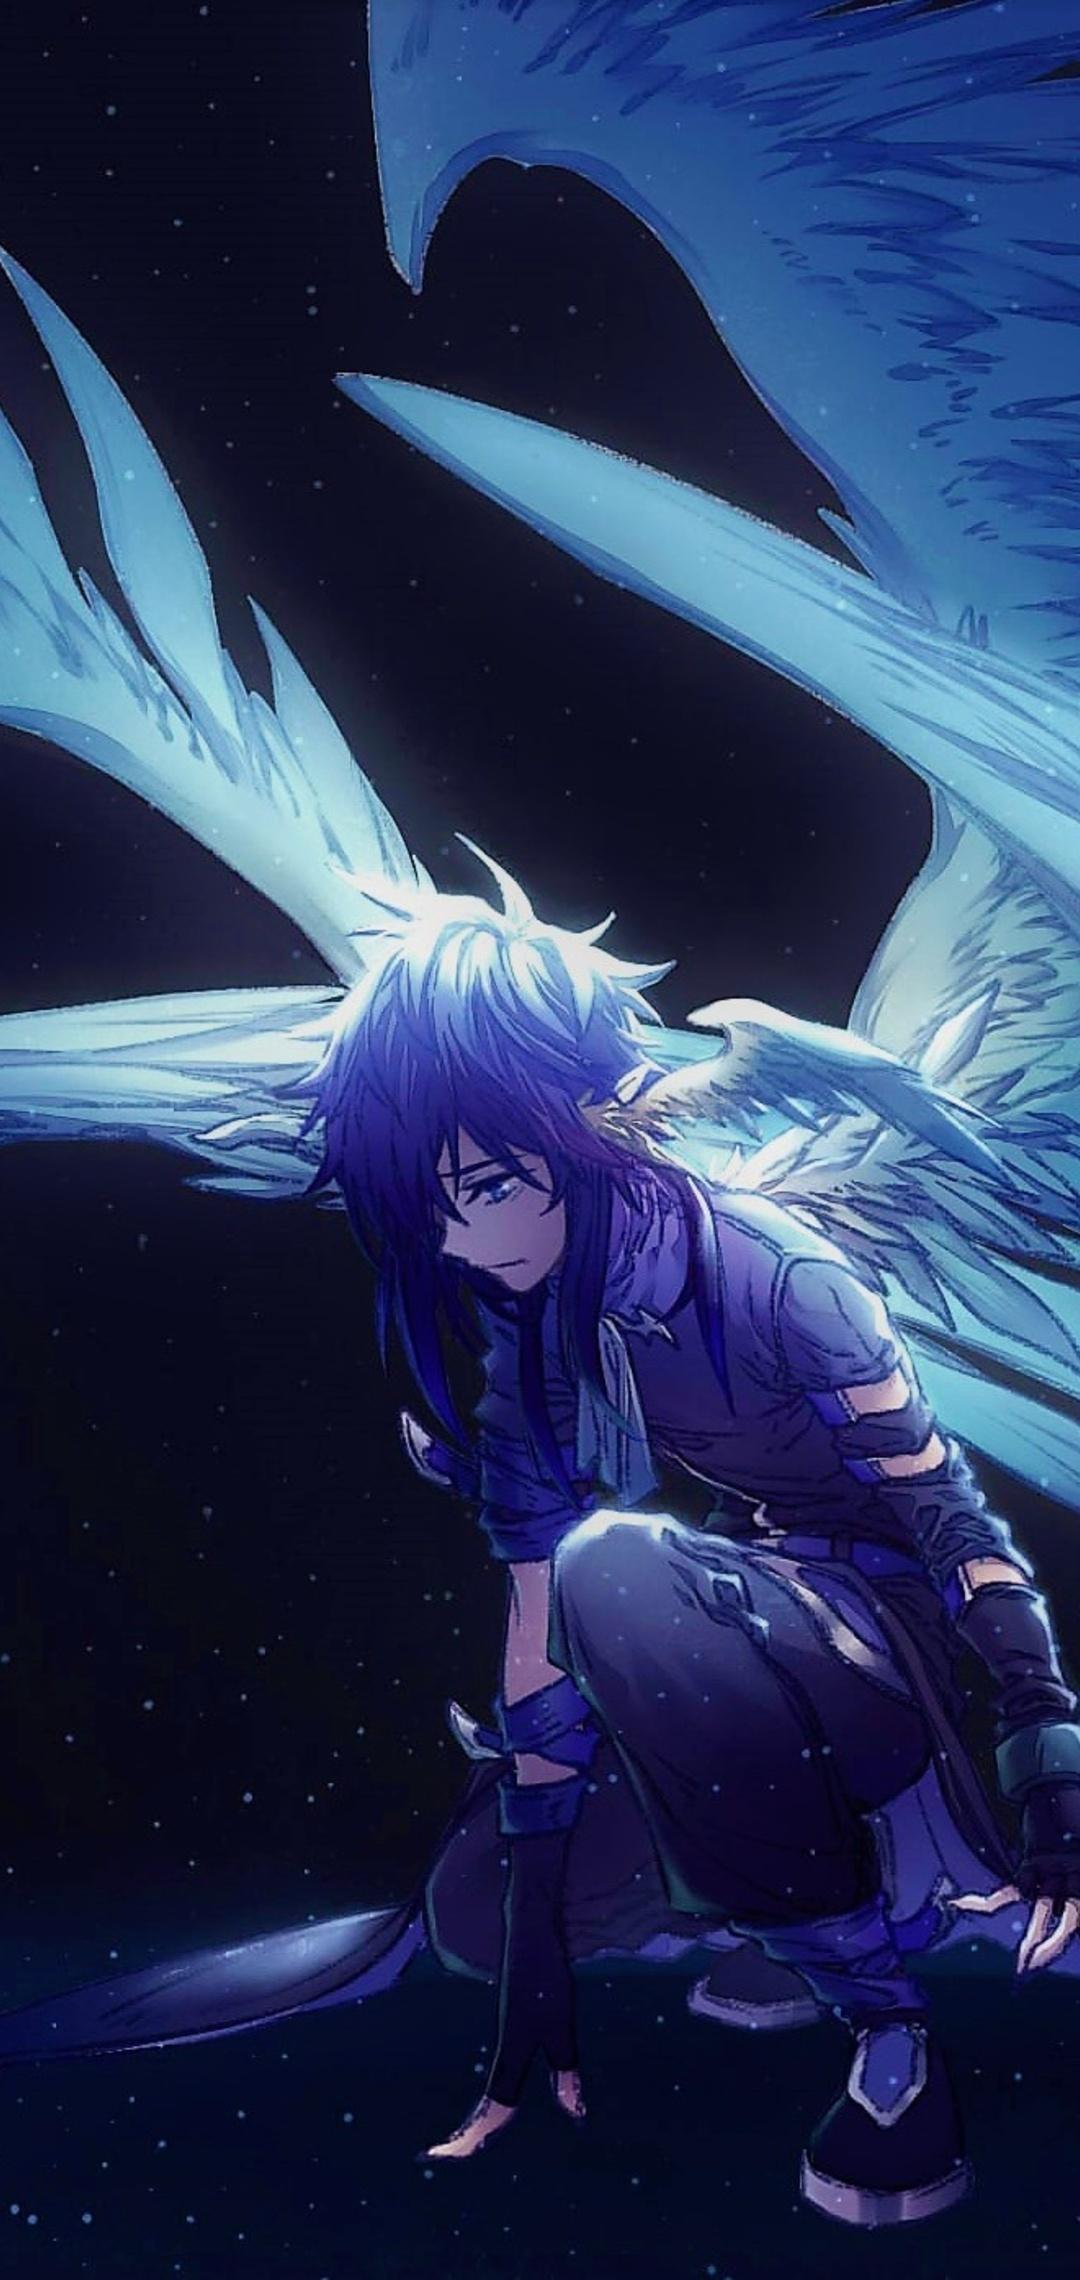 27 Anime Wallpaper For Vivo Sachi Wallpaper